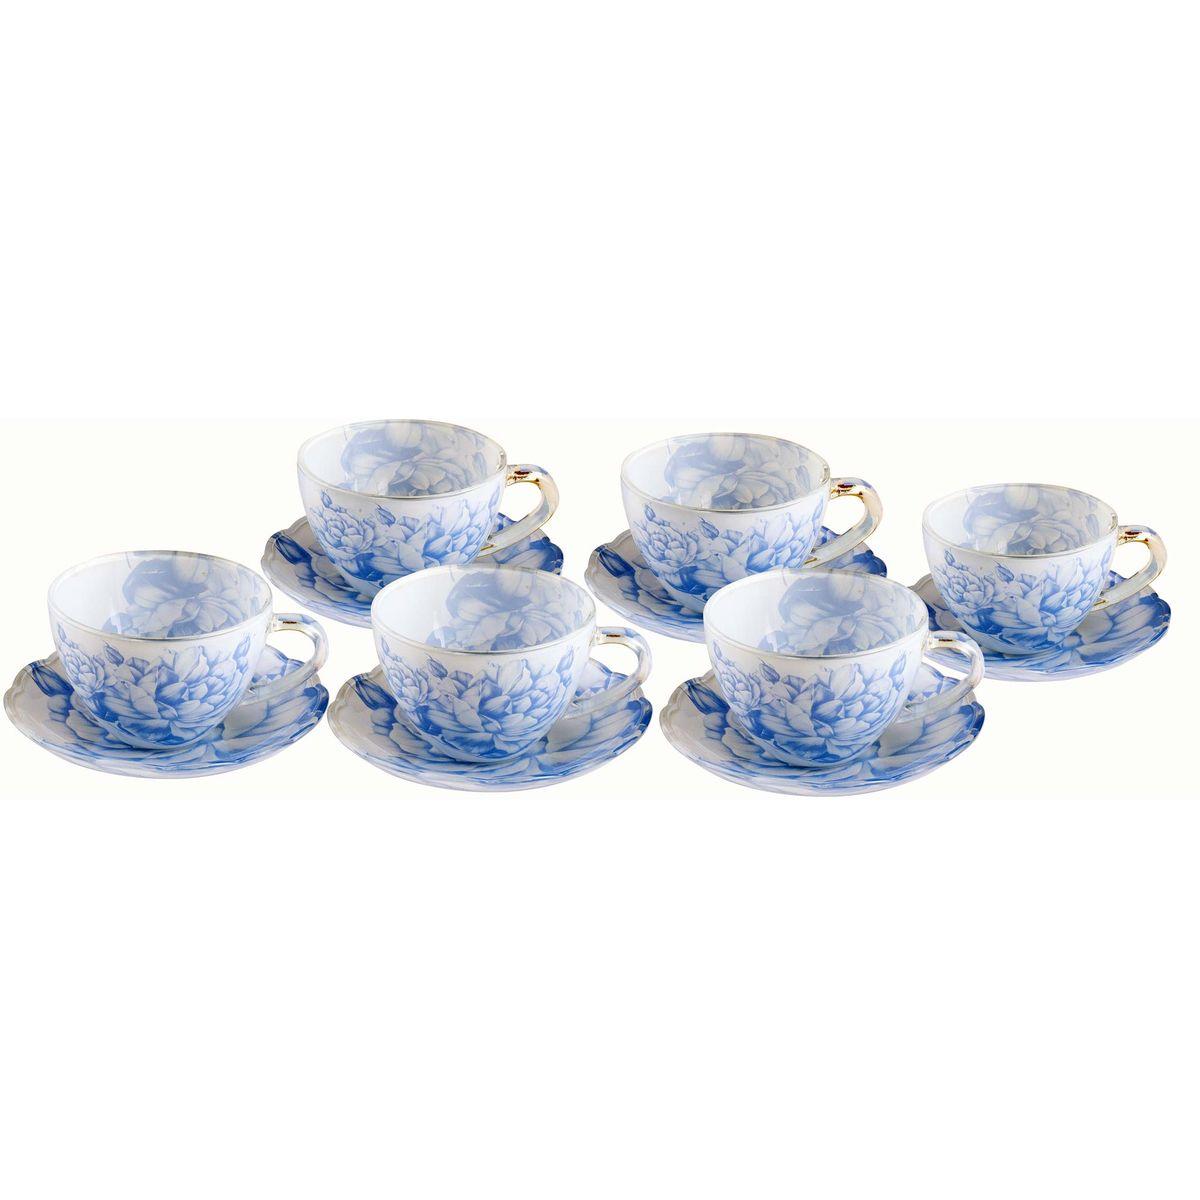 Набор чайный BK-5854 12пр11551012пр.: чашка - 6шт. (200мл), блюдце - 6шт. (13,5см). Подарочнаяупаковка. Состав: стекло.